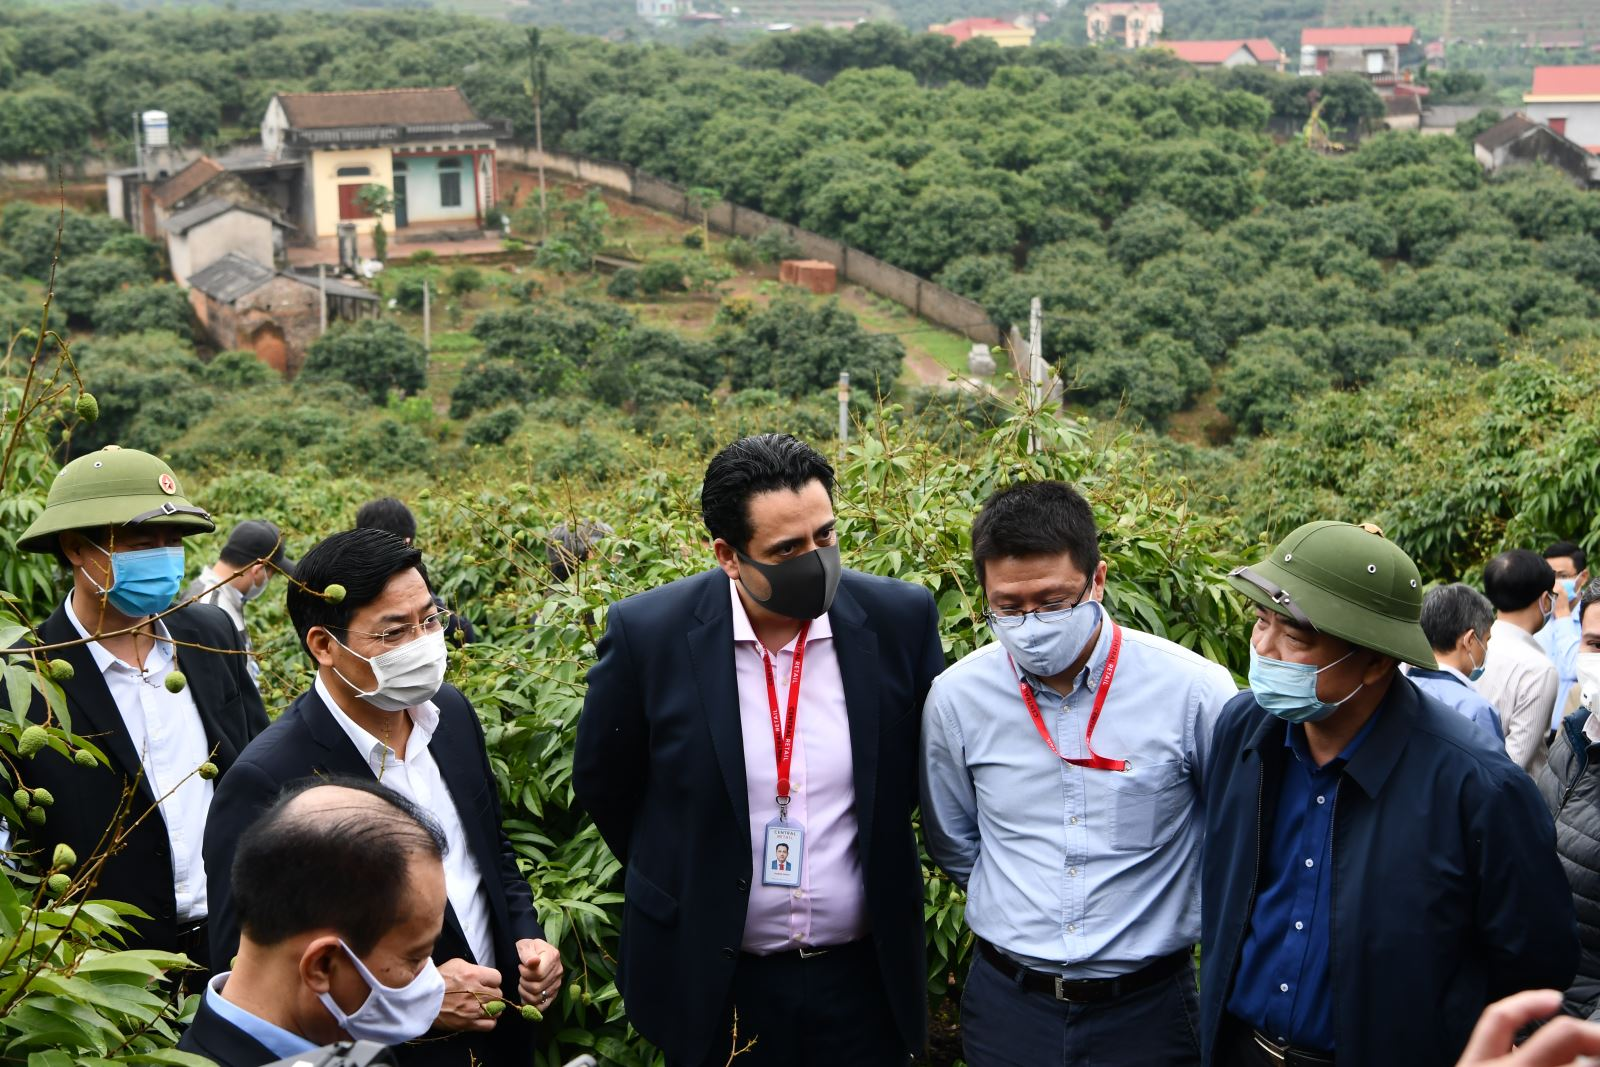 Bộ trưởng Nguyễn Xuân Cường kiểm tra tình hình sản xuất vải và chăn nuôi lợn tại Bắc Giang